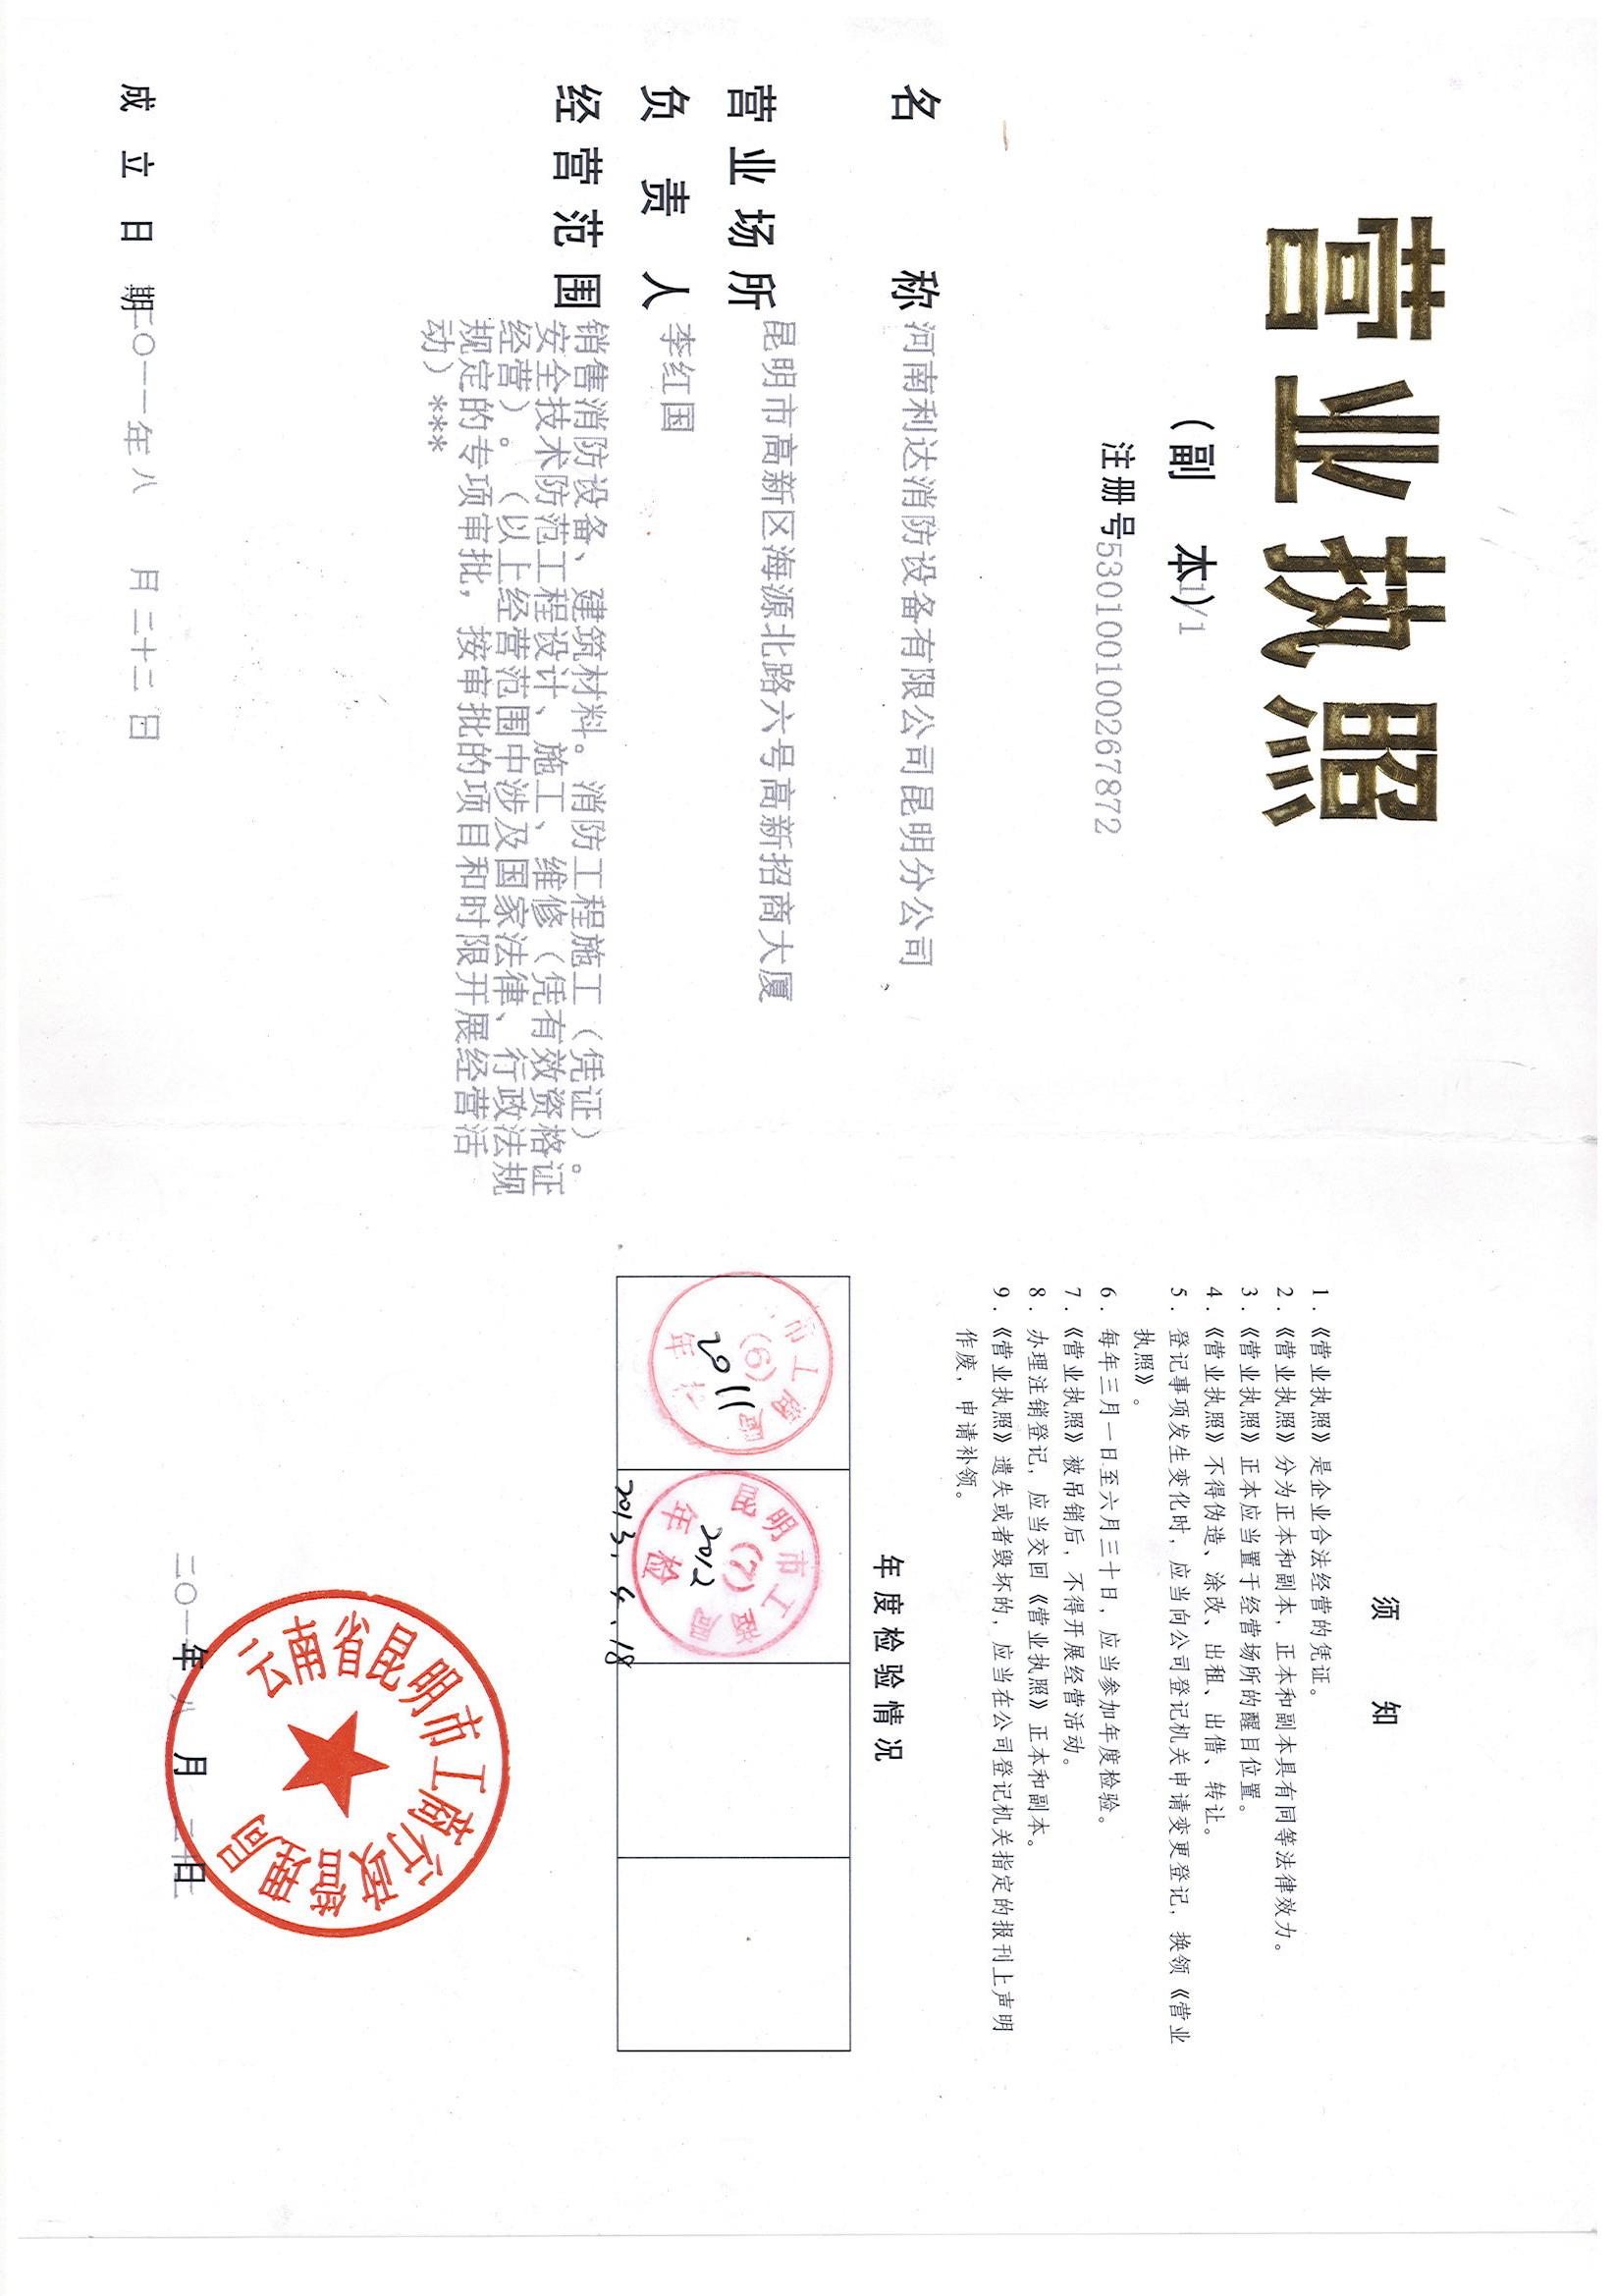 河南利达消防设备有限公司昆明分公司